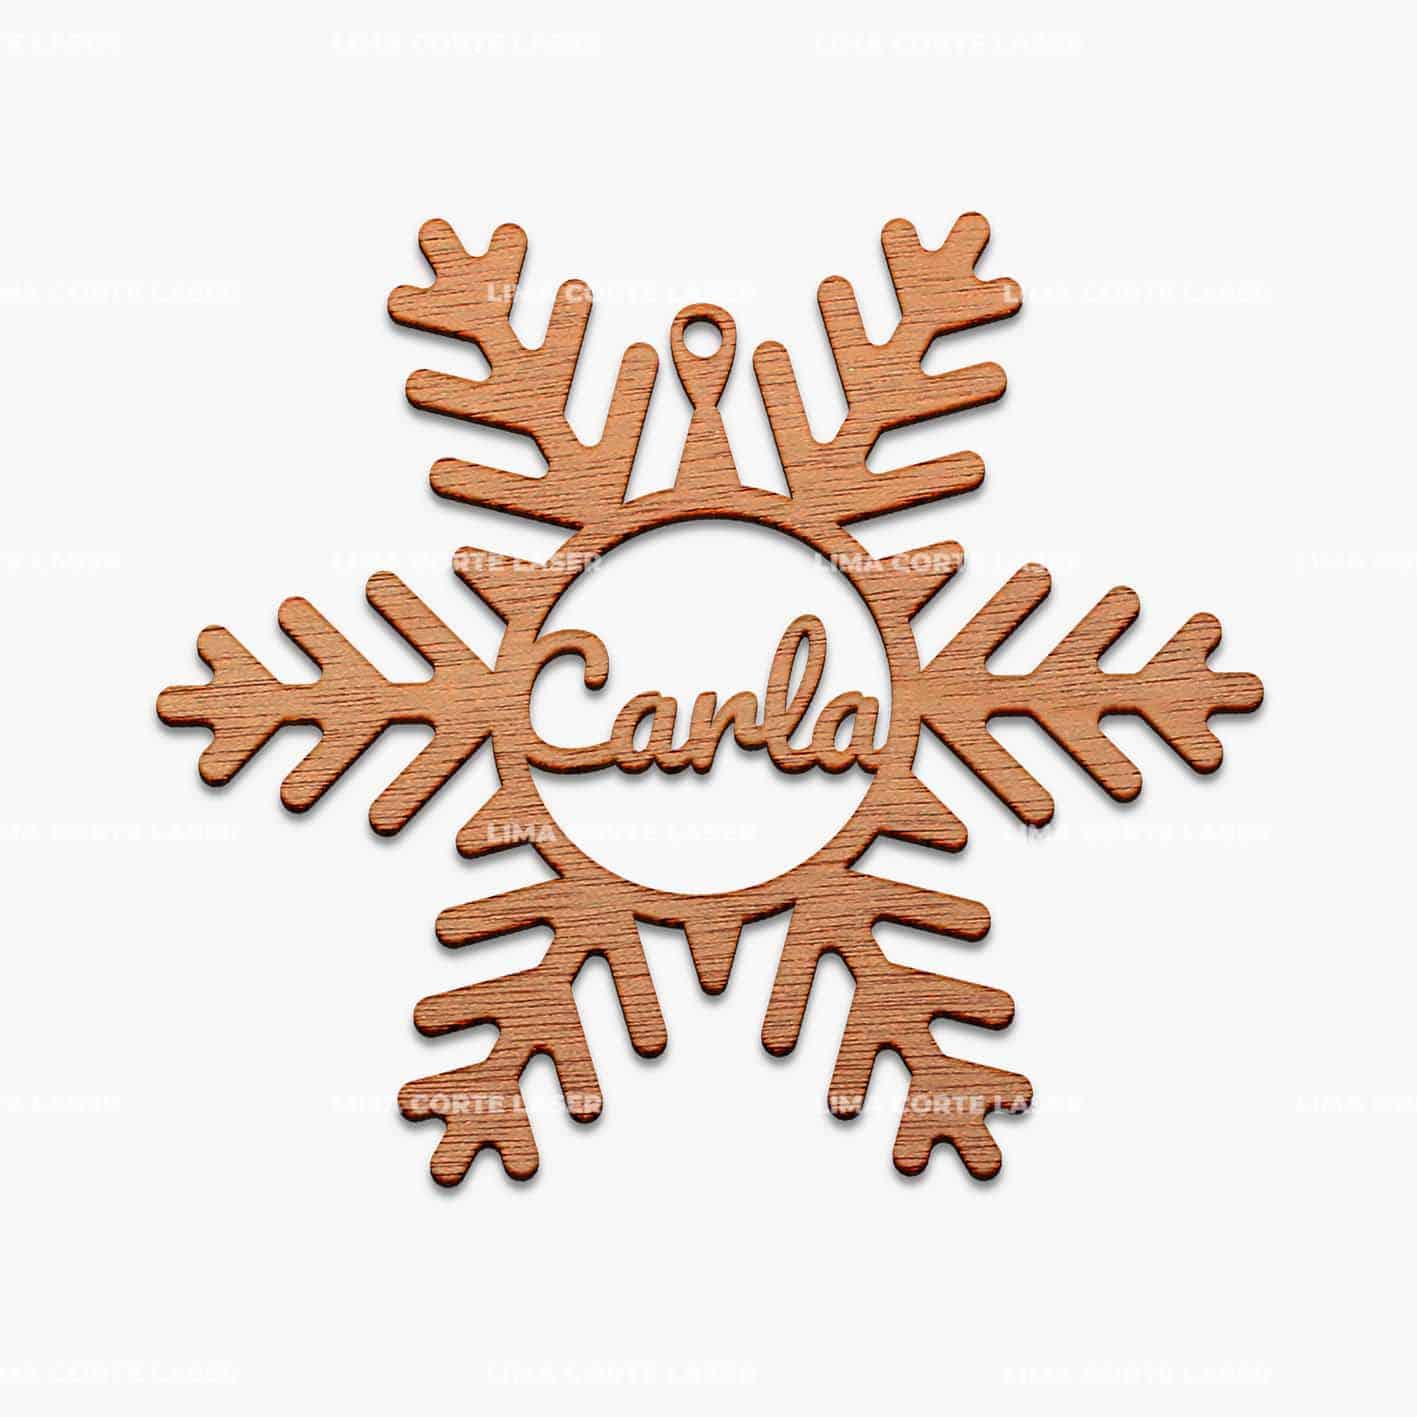 Adorno navideño personalizado con la forma de un copo de nieve con nombre Carla